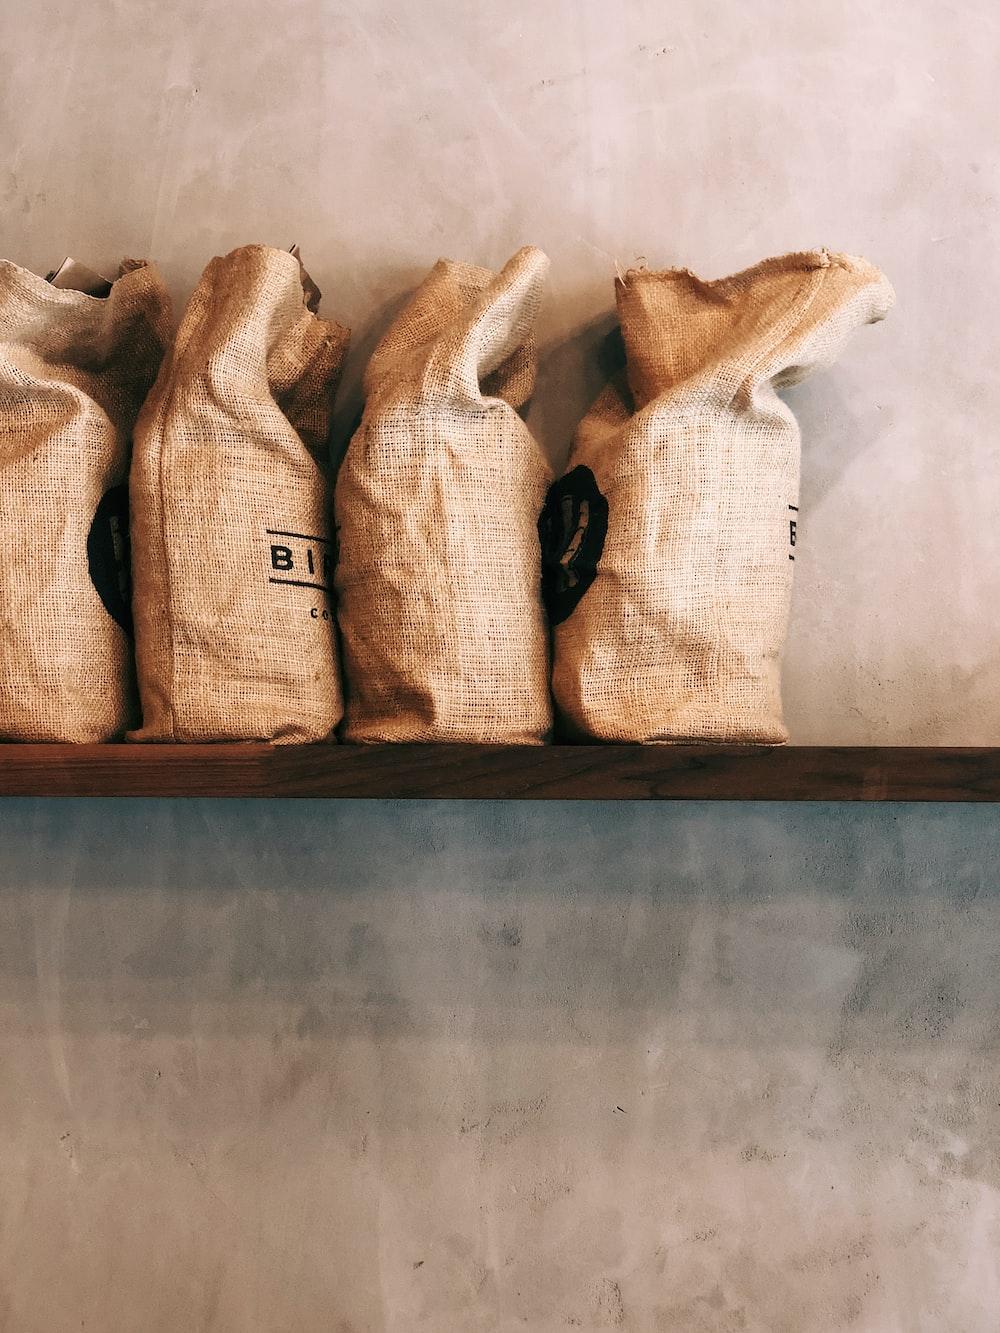 four brown sacks